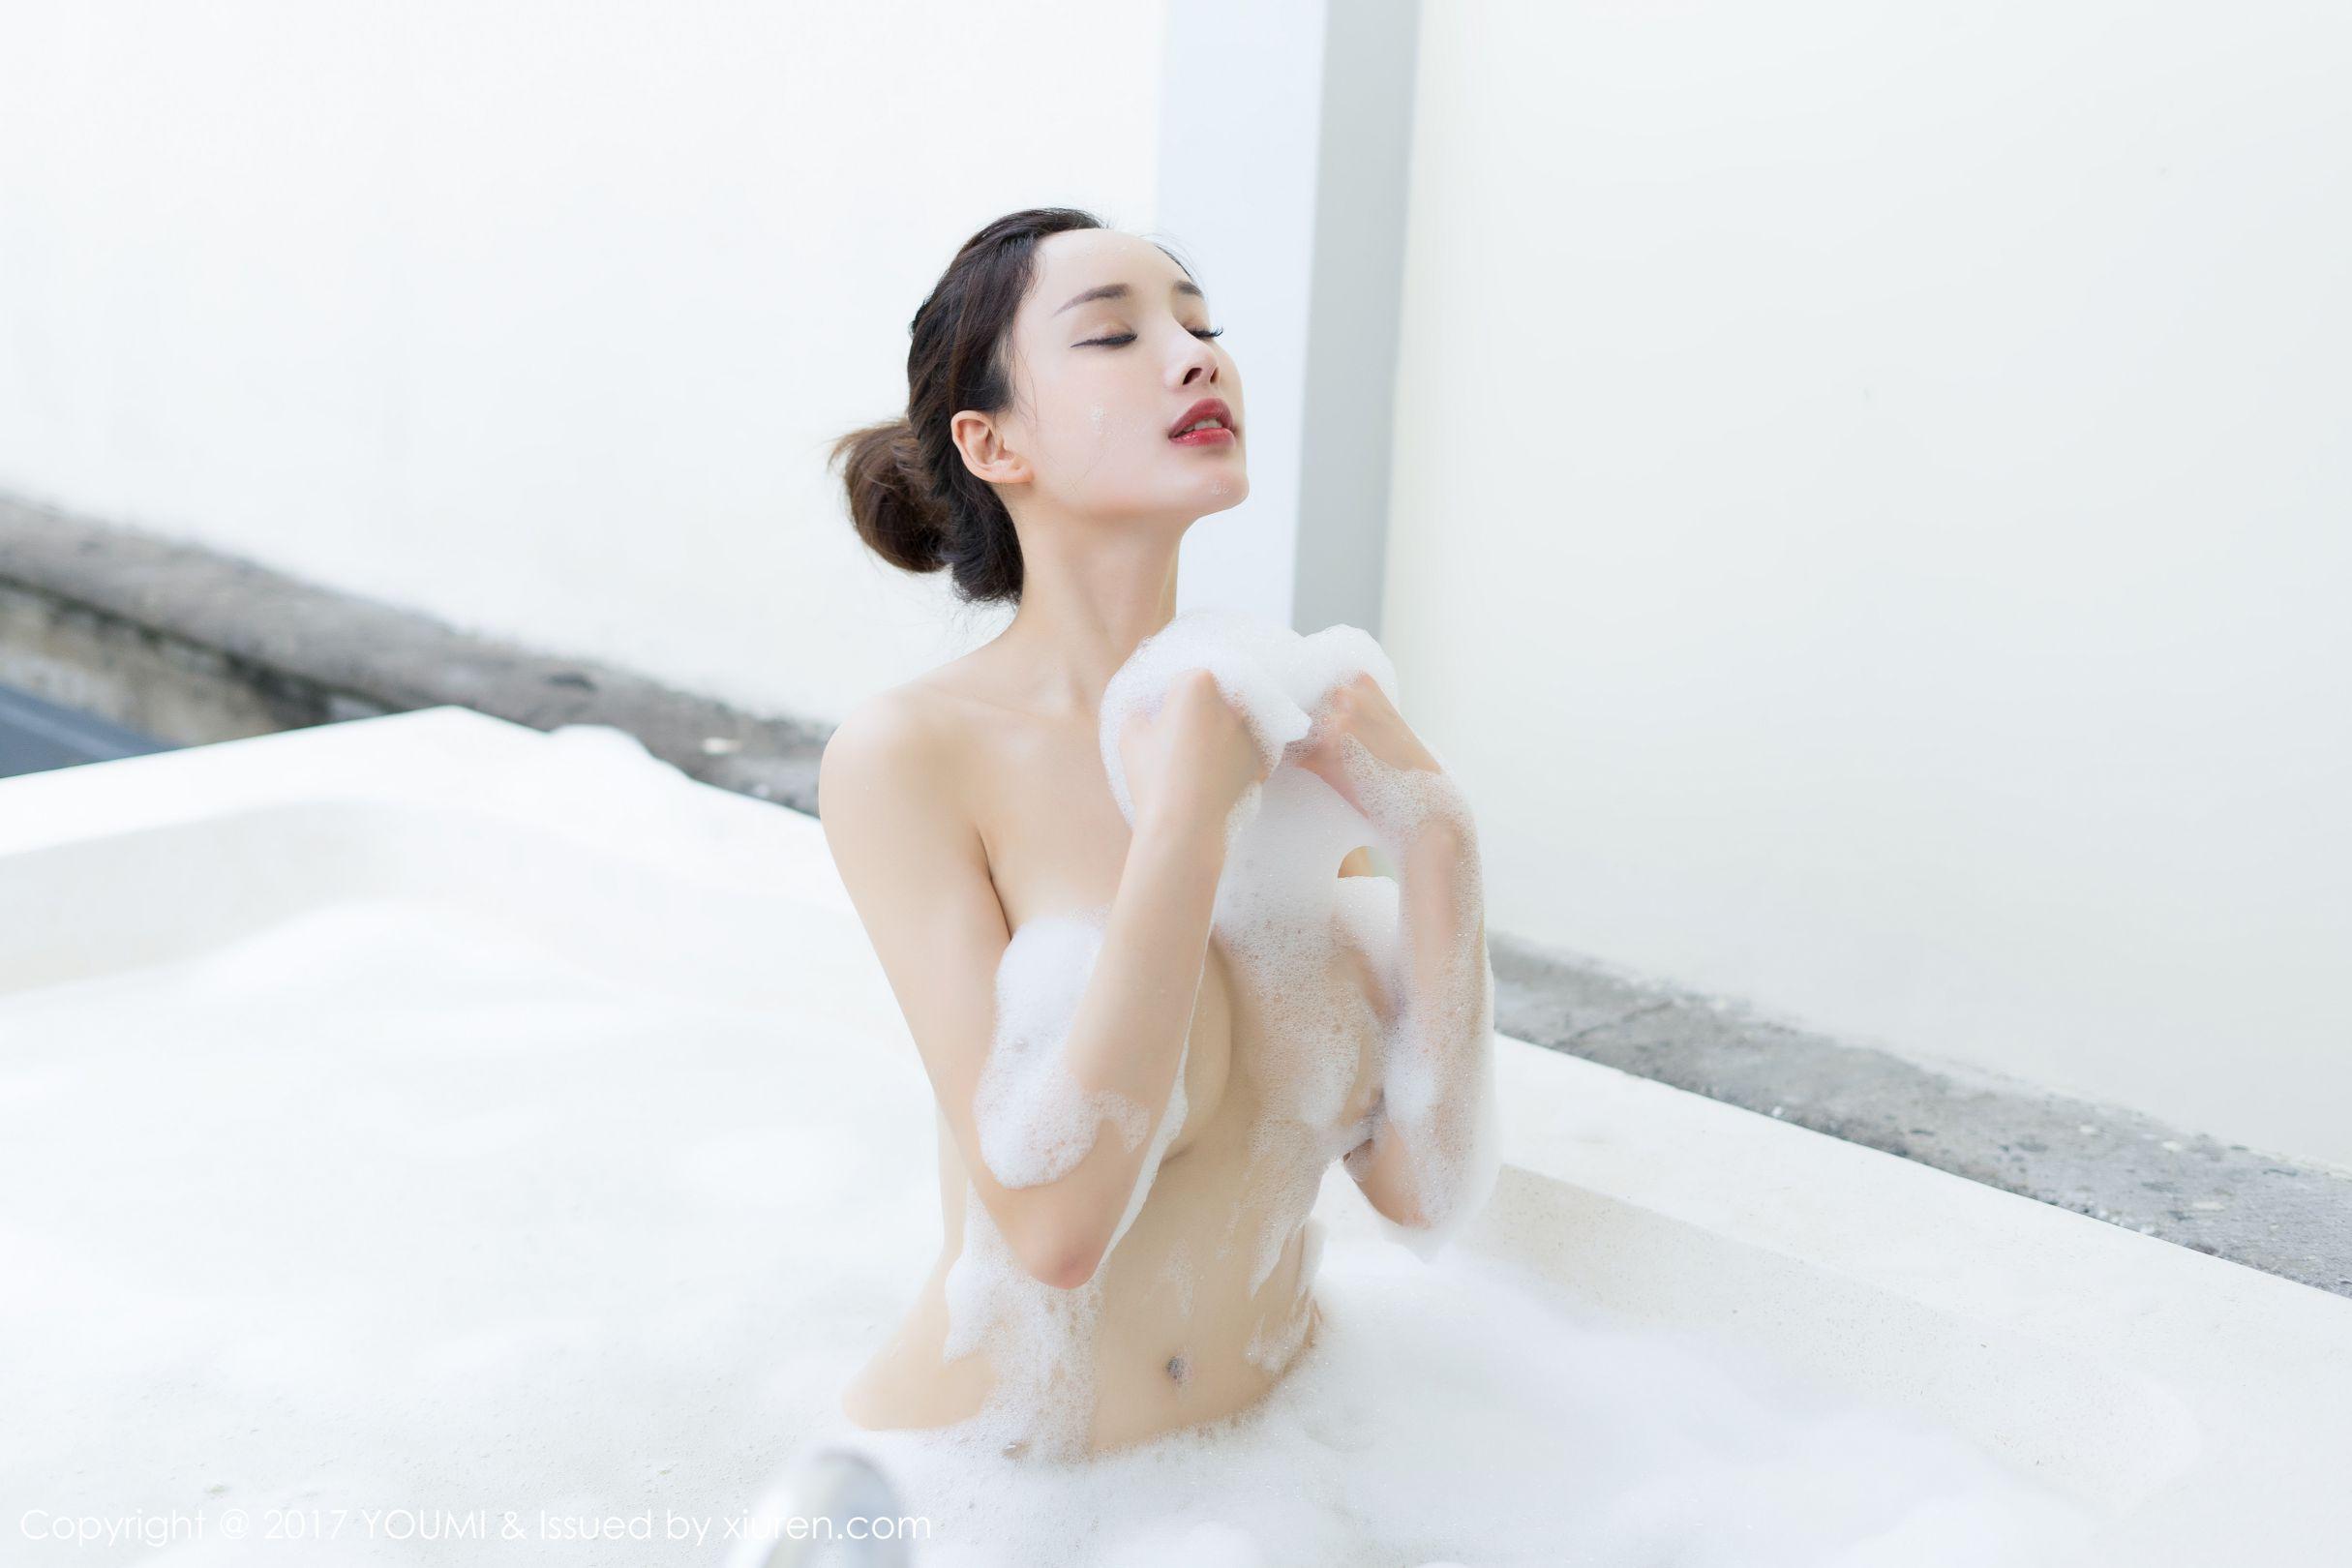 土肥圆矮挫穷 - 高叉礼服与泡泡浴系列